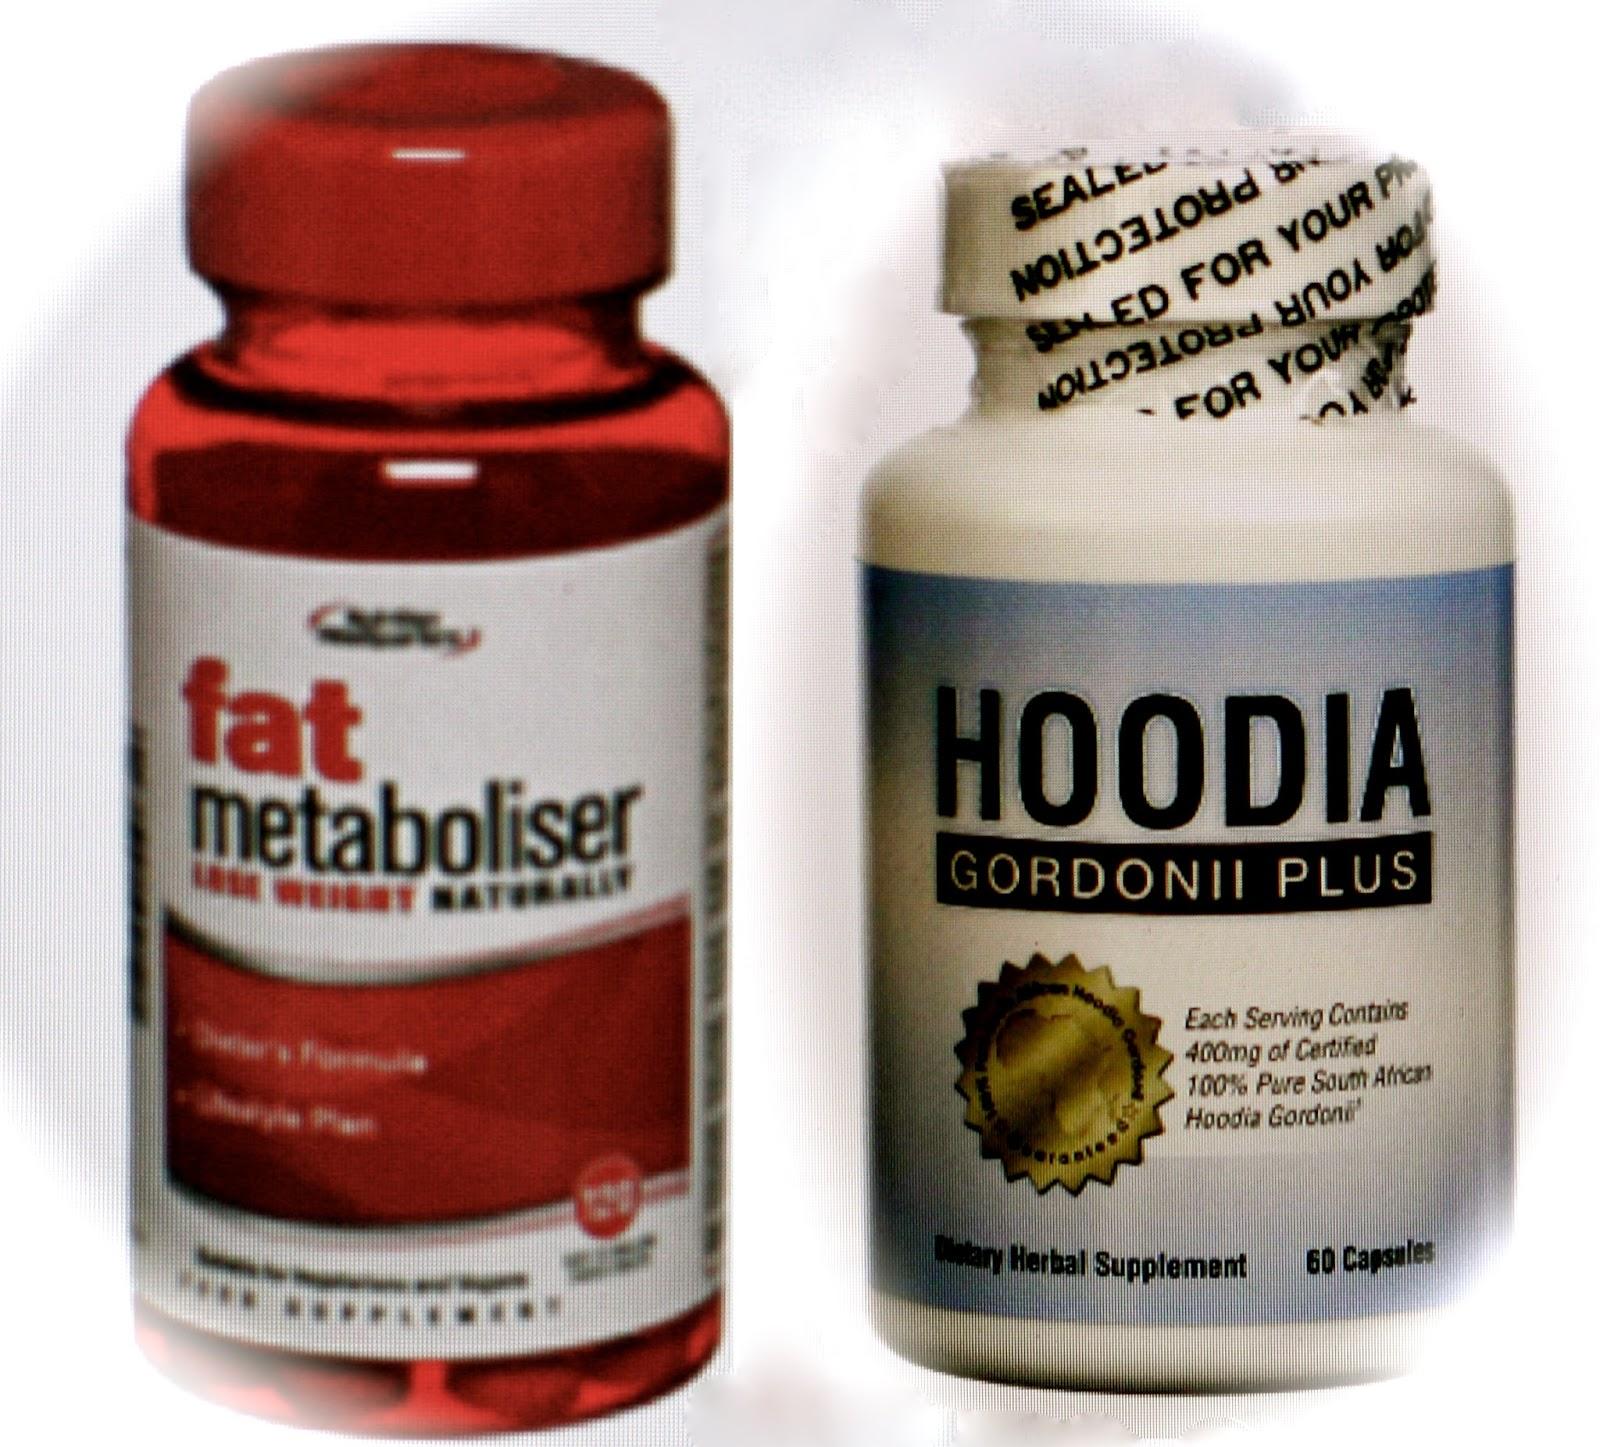 Las píldoras de Hoodia